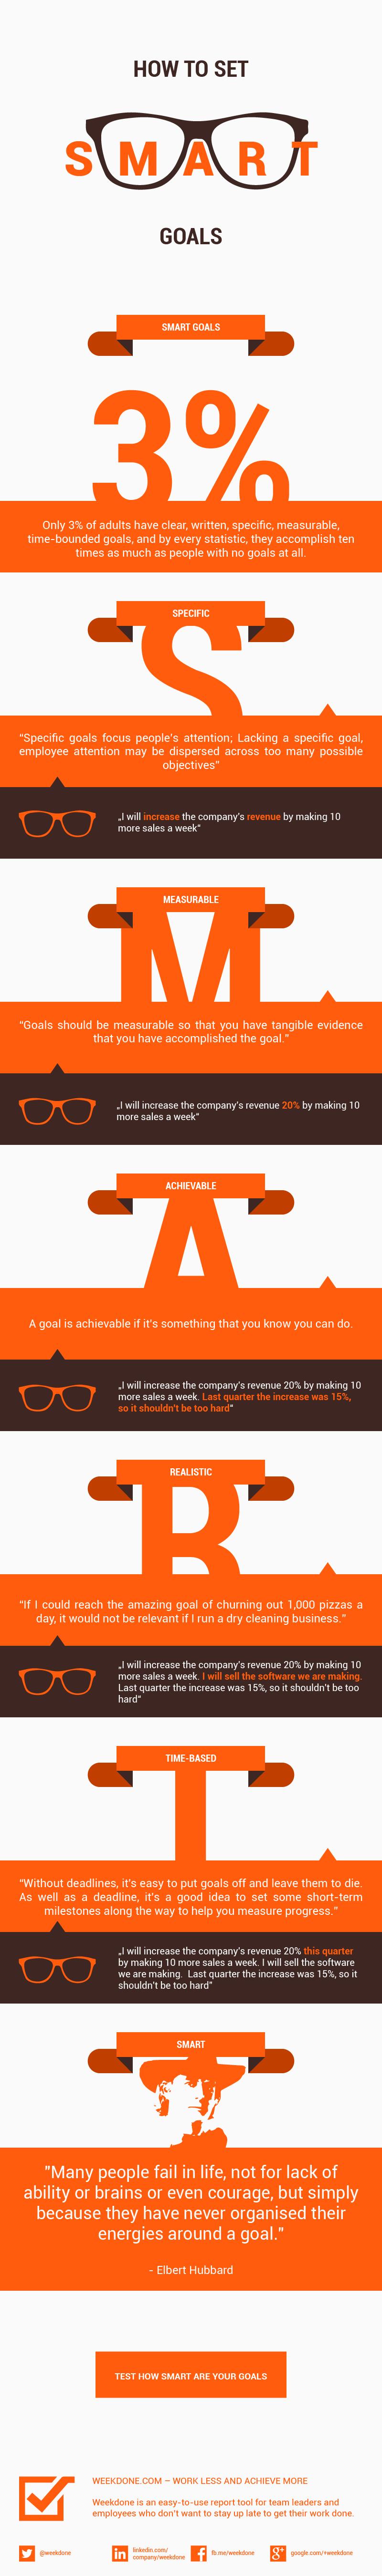 Infographie - Objectifs SMART 5 mots clefs pour définir des objectifs pertinents